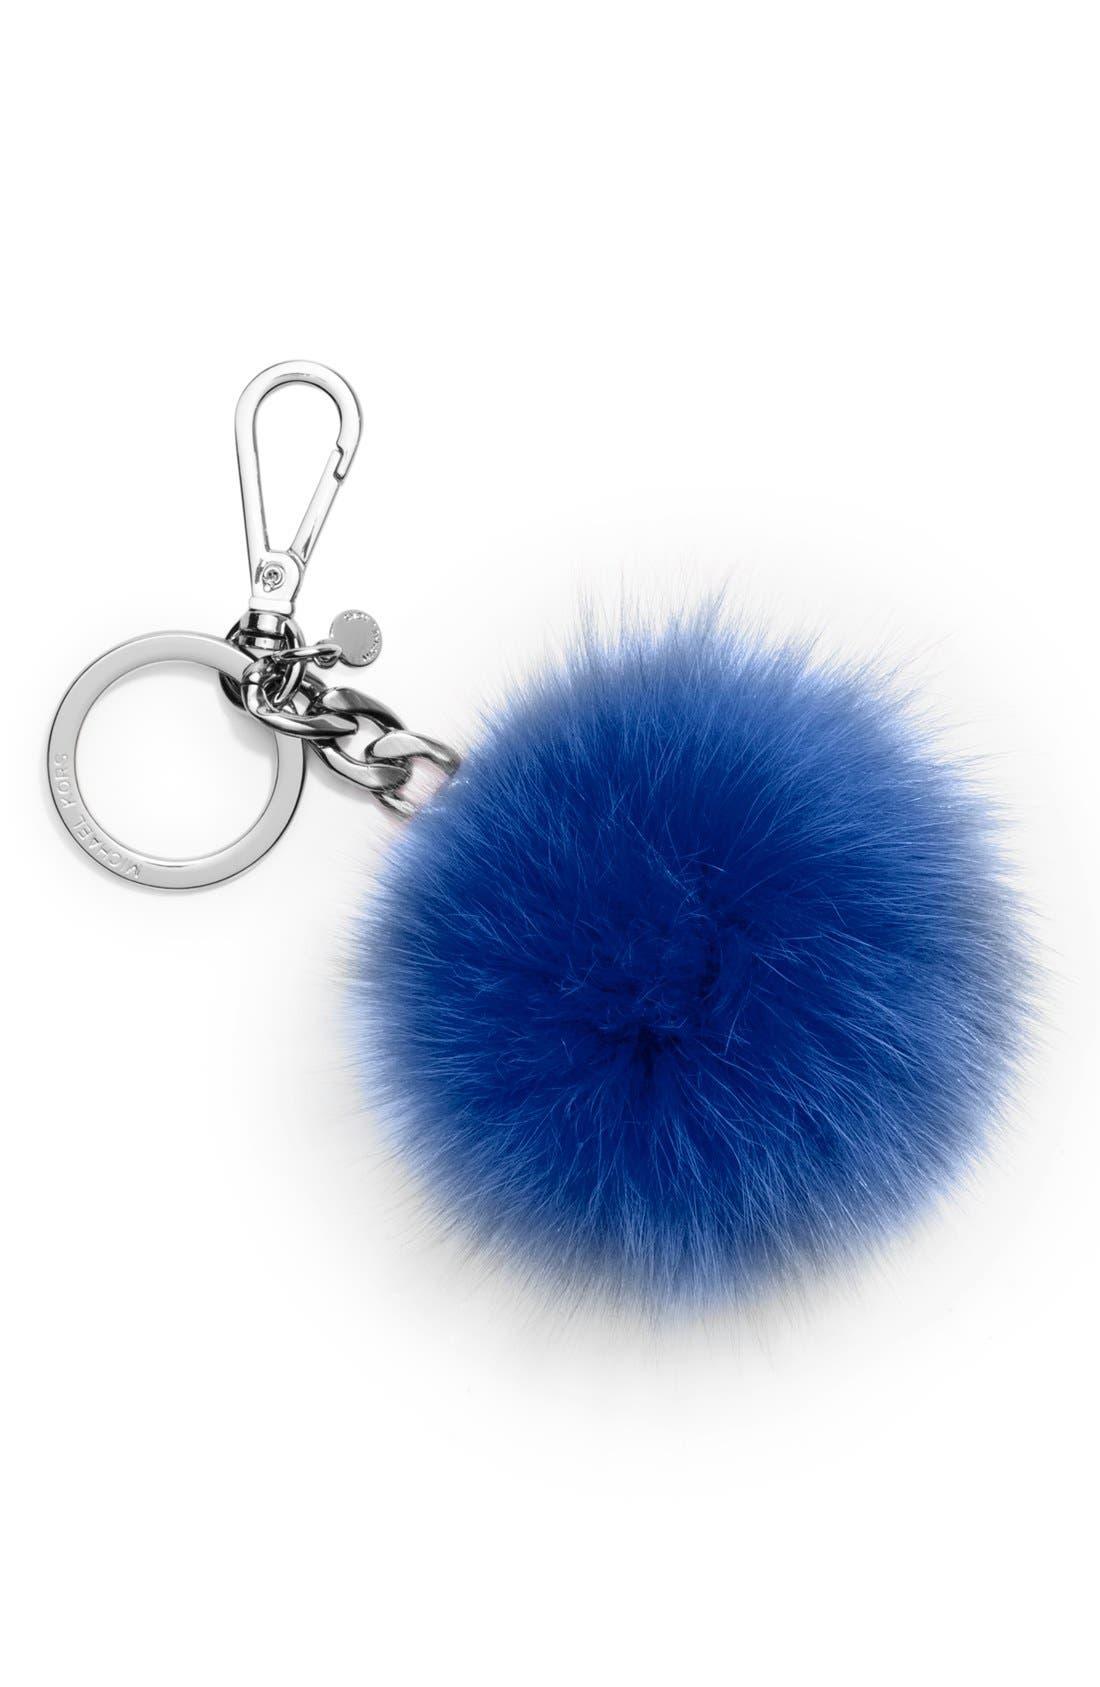 Alternate Image 1 Selected - MICHAEL Michael Kors 'Selma' Genuine Fox Fur Key Fob